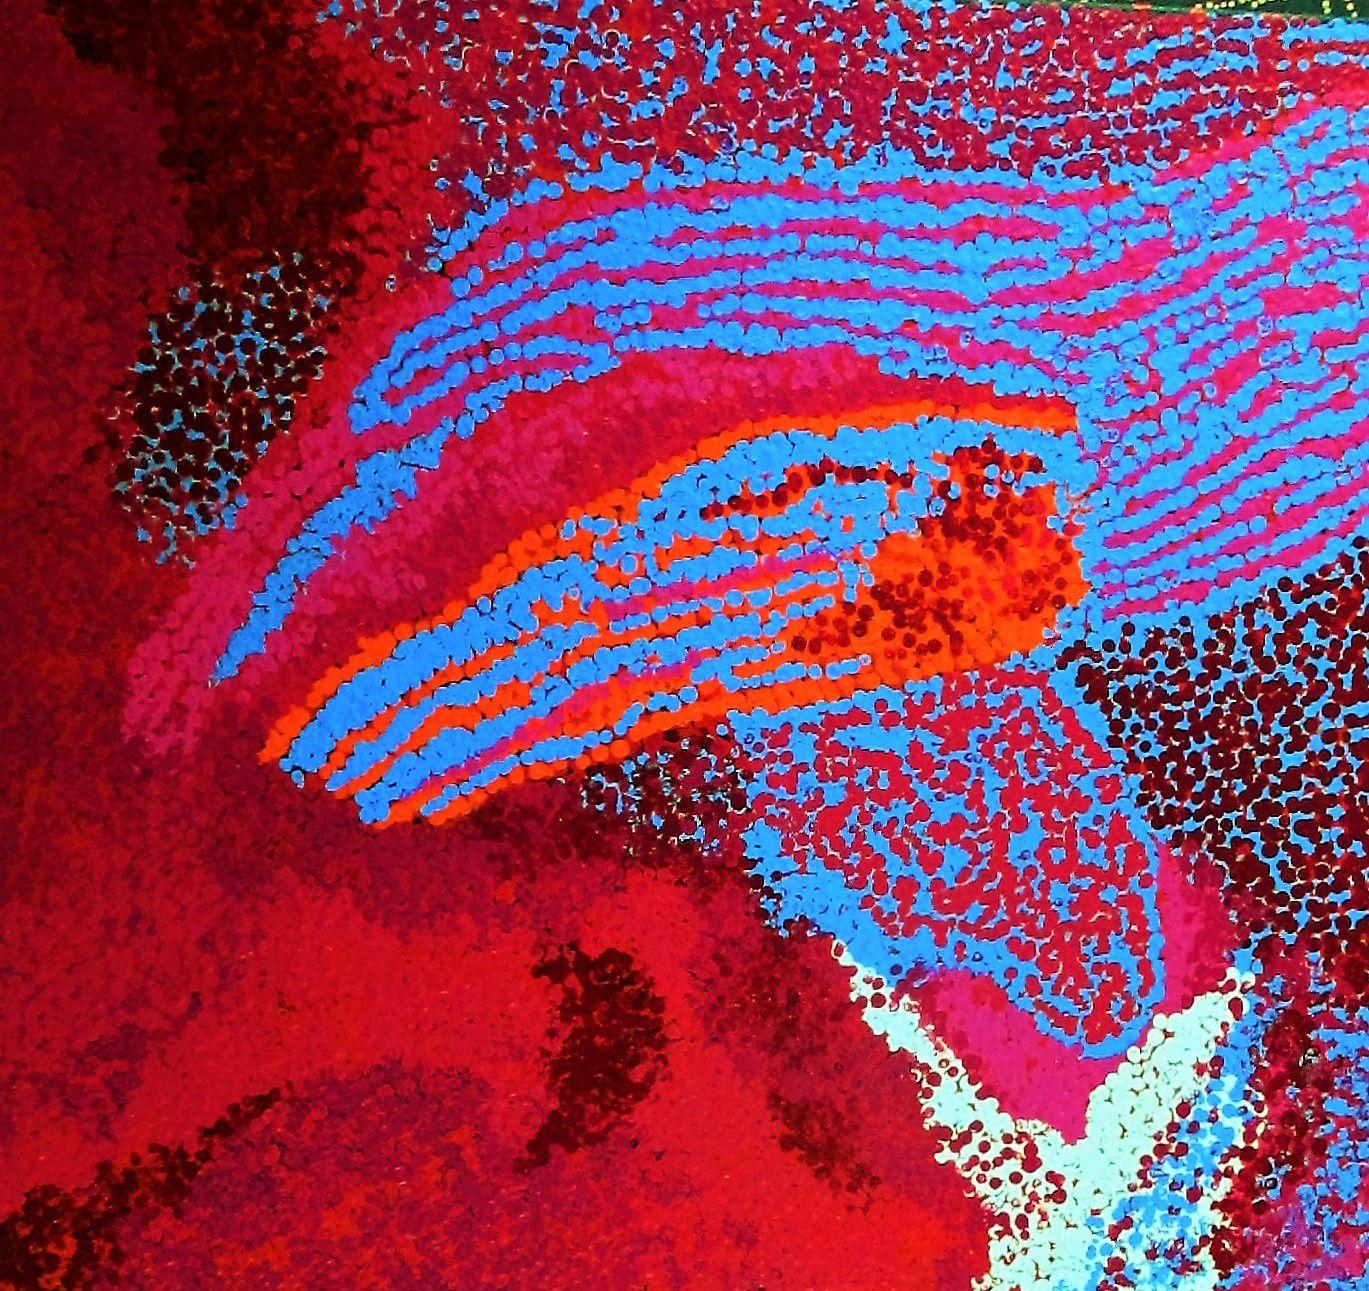 Yannima Pikarli Tommy Watson peint son désert. Ici une oeuvre de 112x102 cm